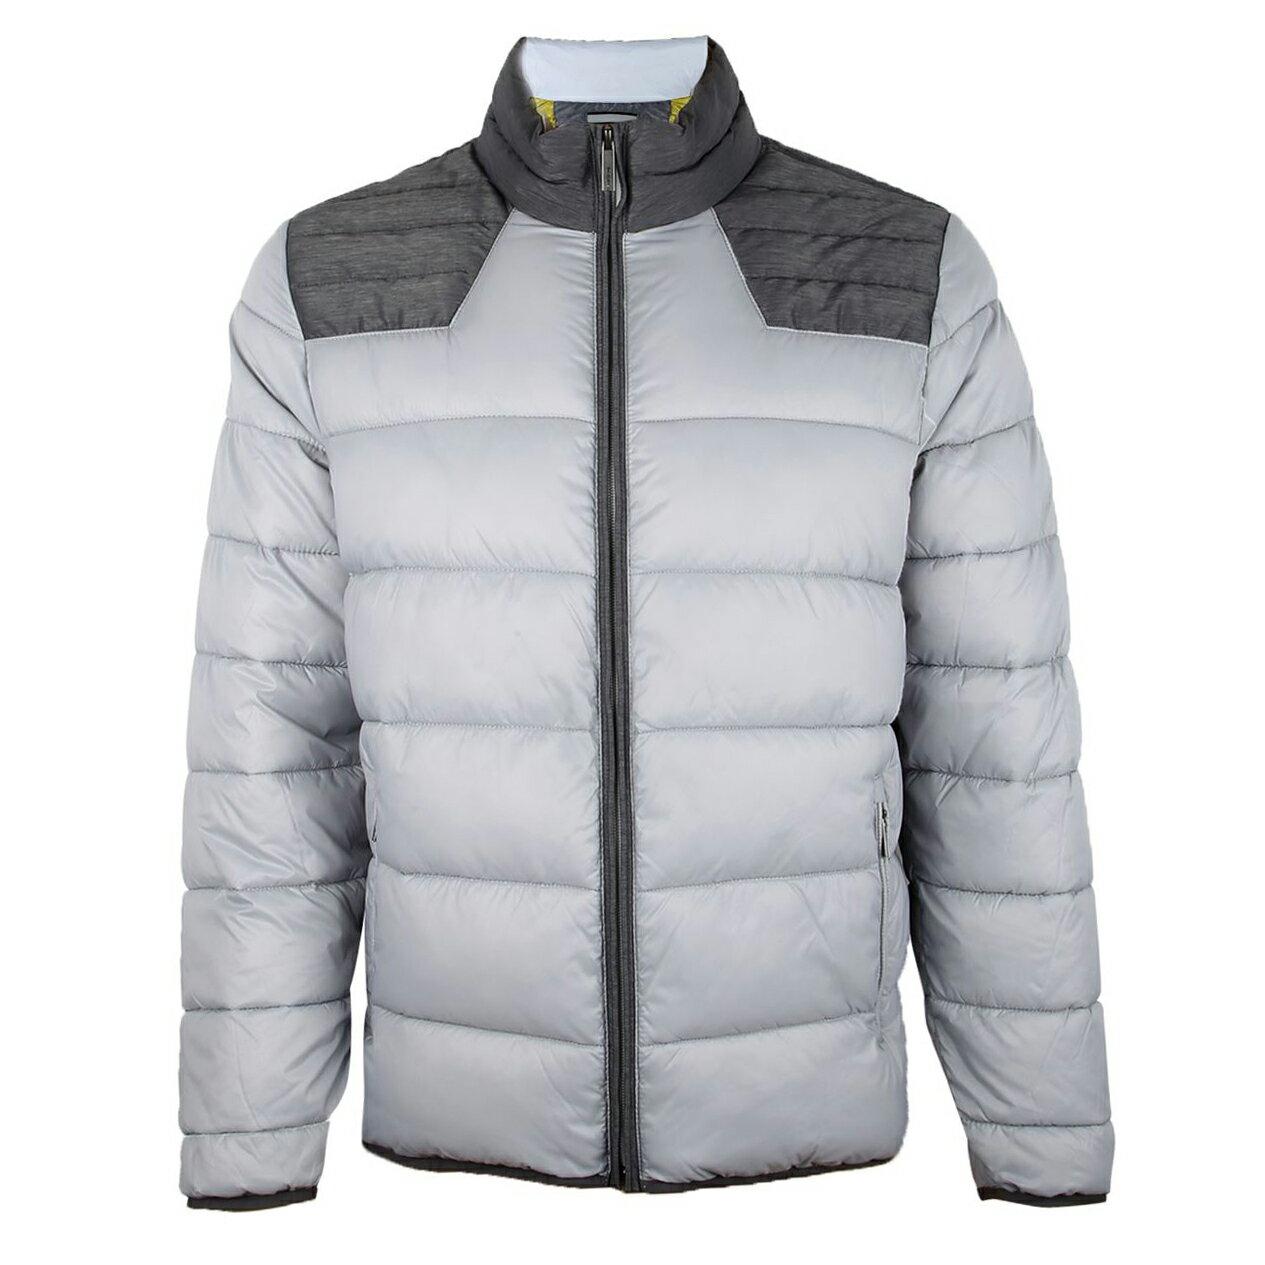 美國百分百【全新真品】Calvin Klein 外套 CK 夾克 防寒 保暖 外衣 輕量 防風 灰色 男 M號 E506